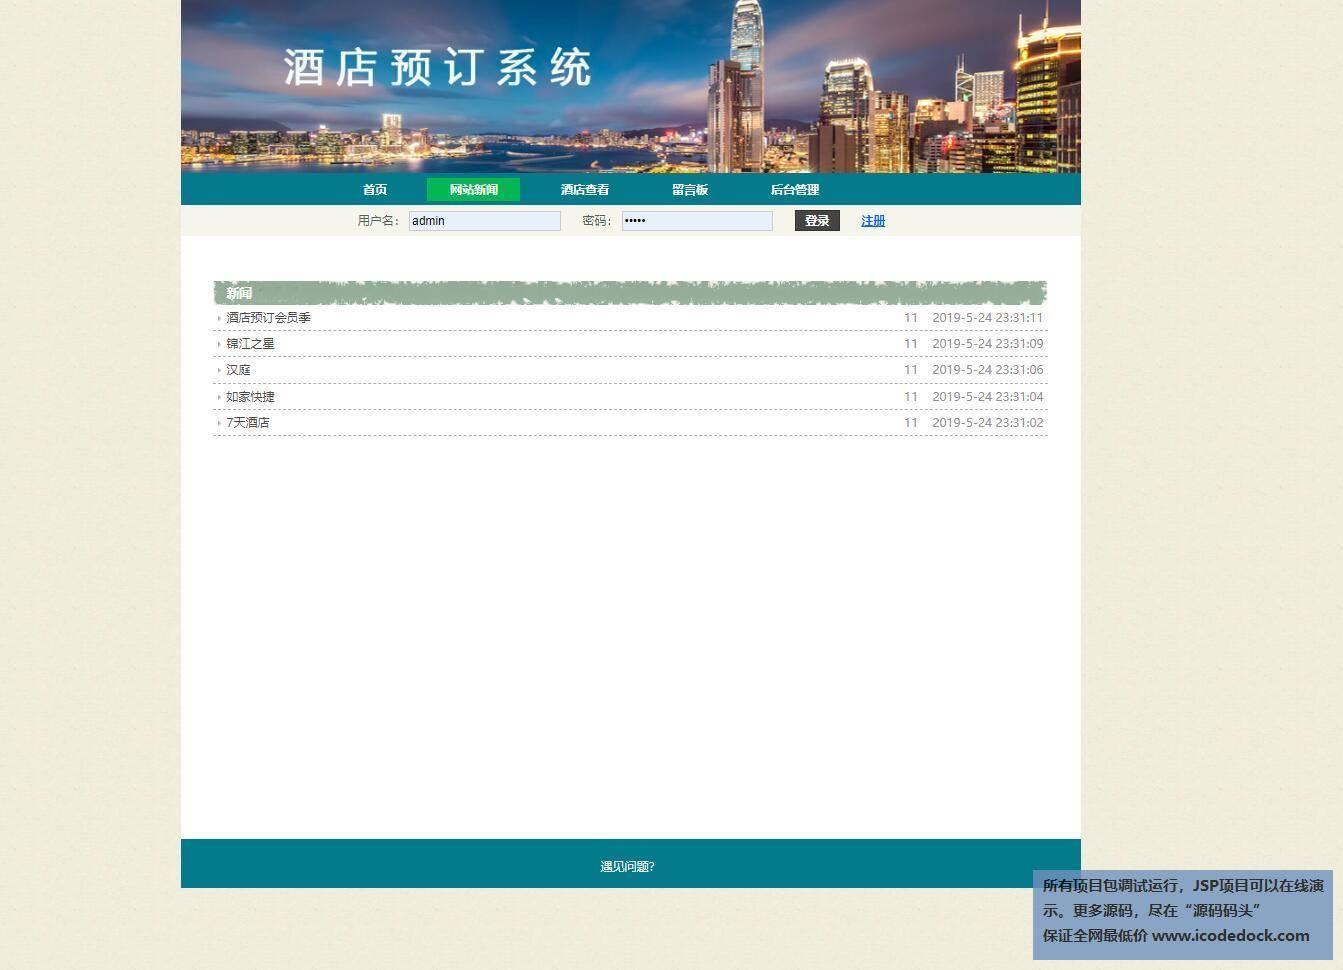 源码码头-JSP酒店预定管理系统-用户角色-新闻公告查看